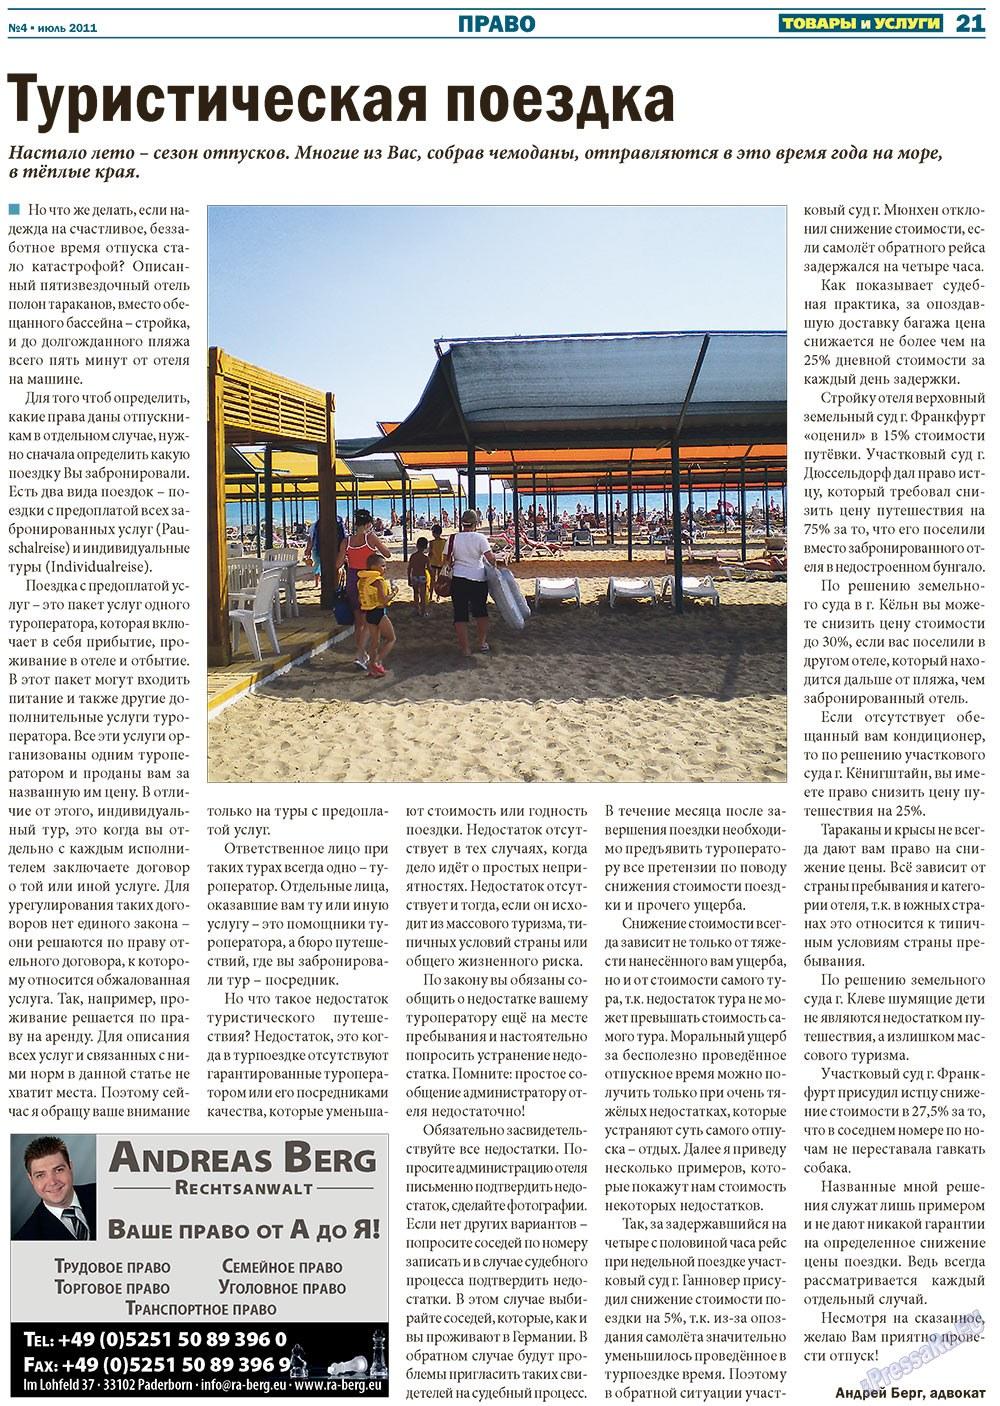 Товары и услуги (газета). 2011 год, номер 4, стр. 21